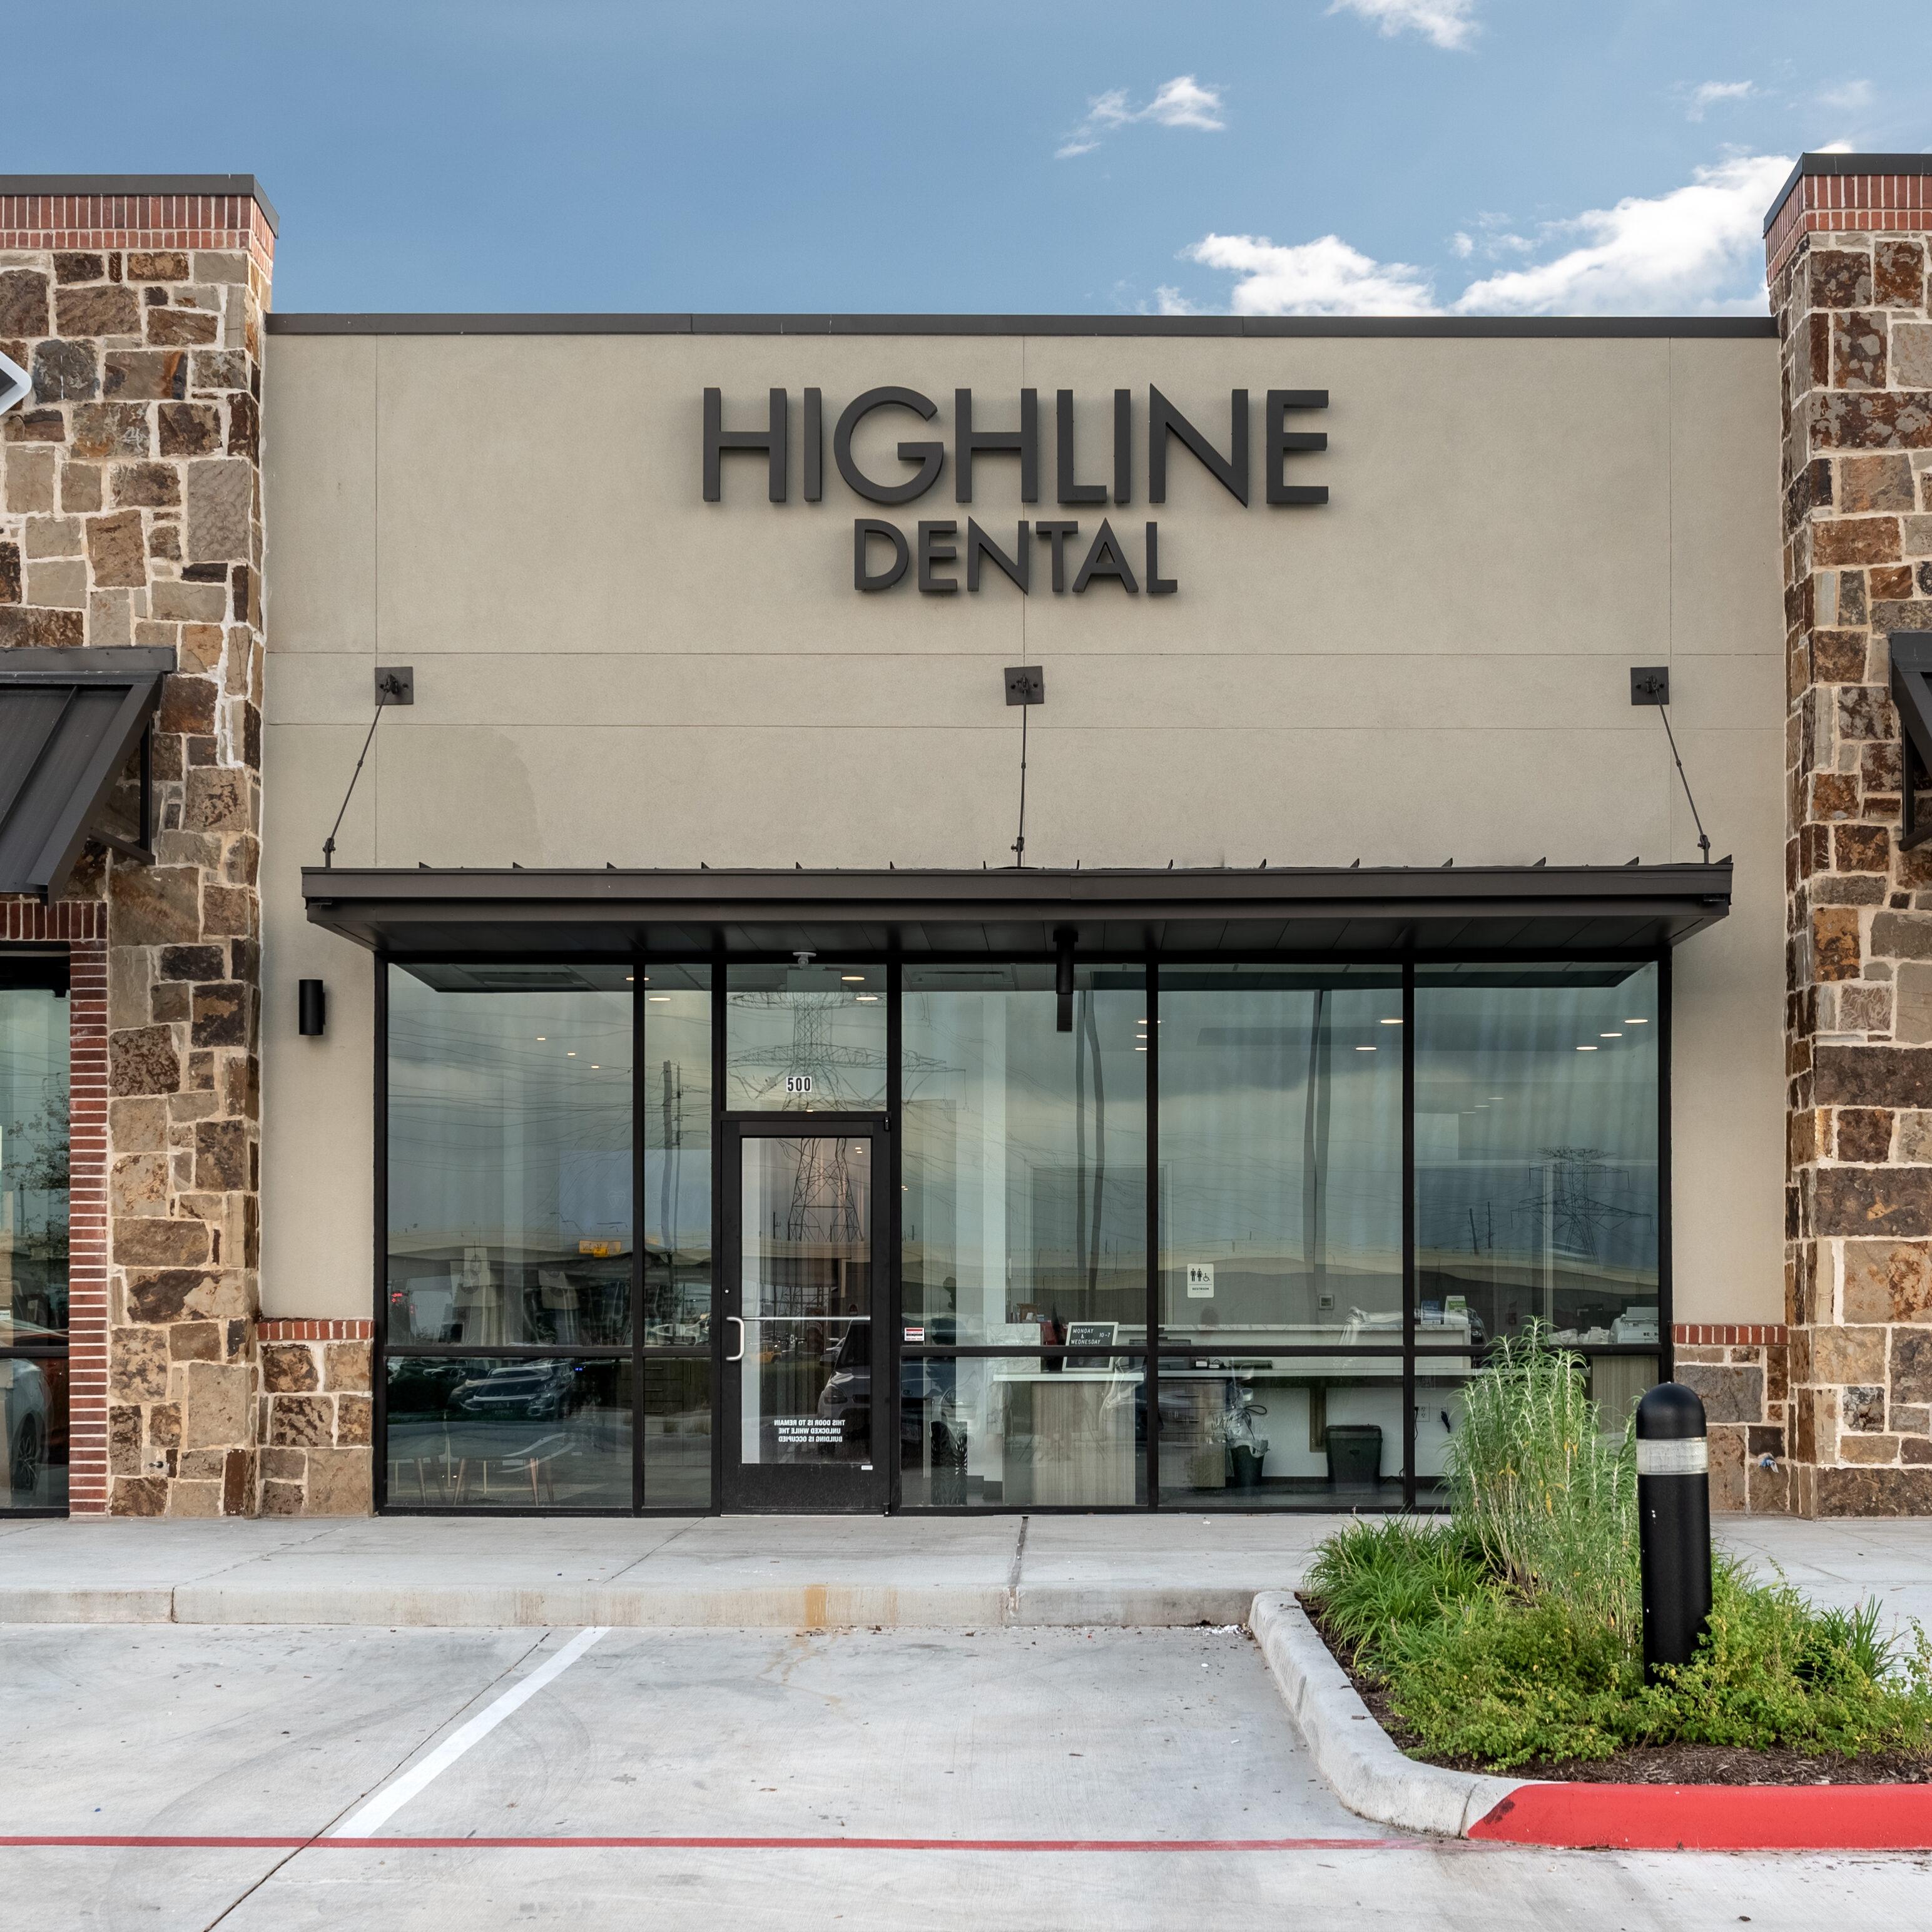 Highline_Dental_2018-4 (1)